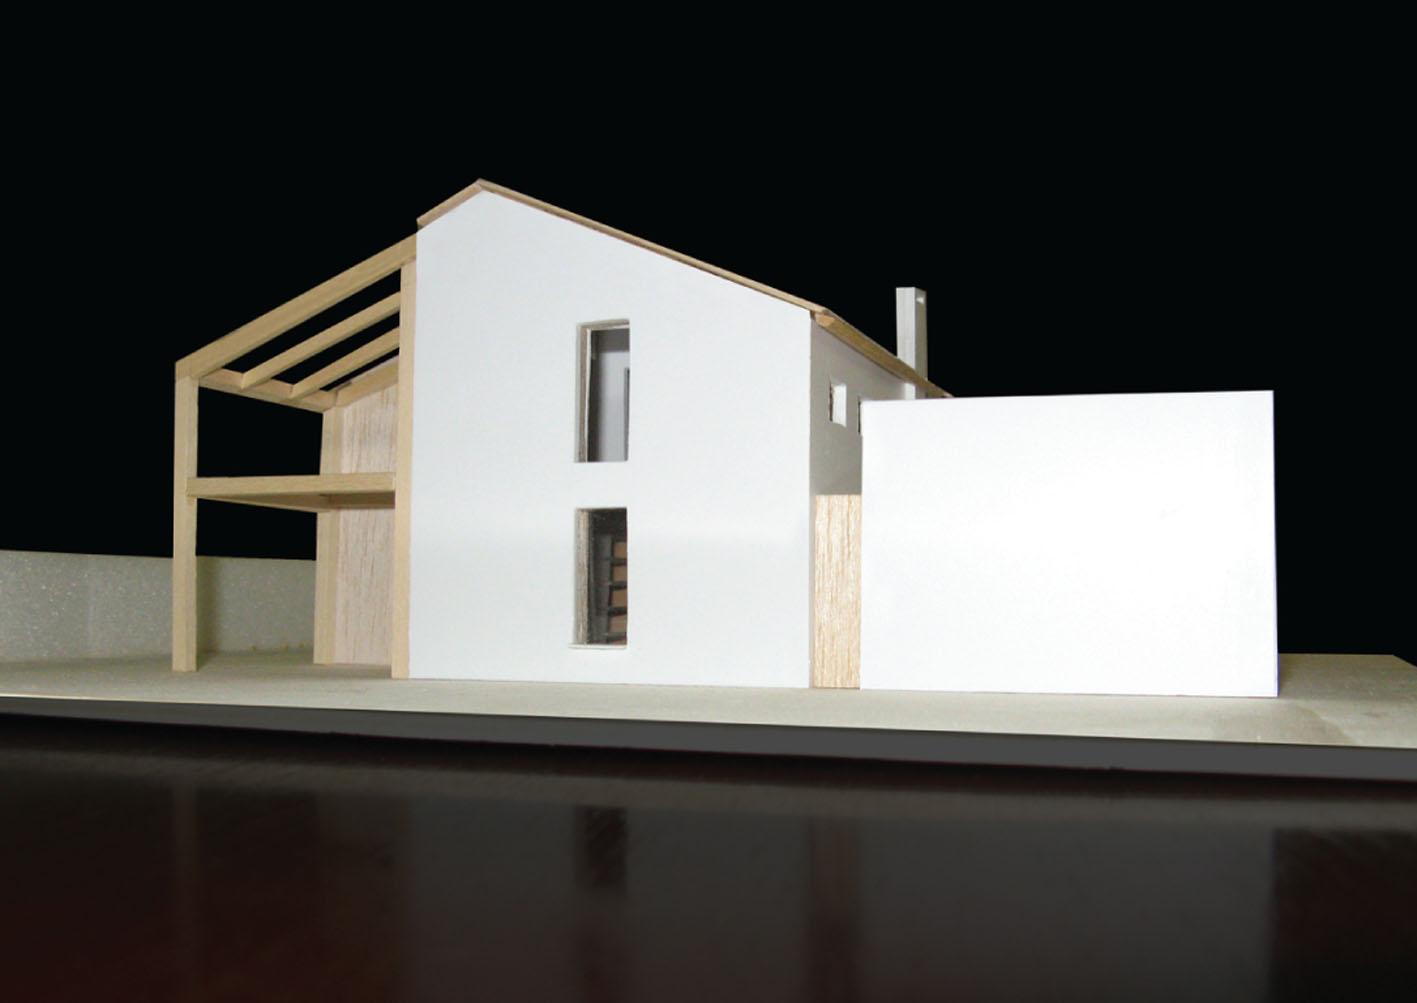 Ristrutturazione edificio residenziale interno4 studi for Piani casa con breezeway tra casa e garage